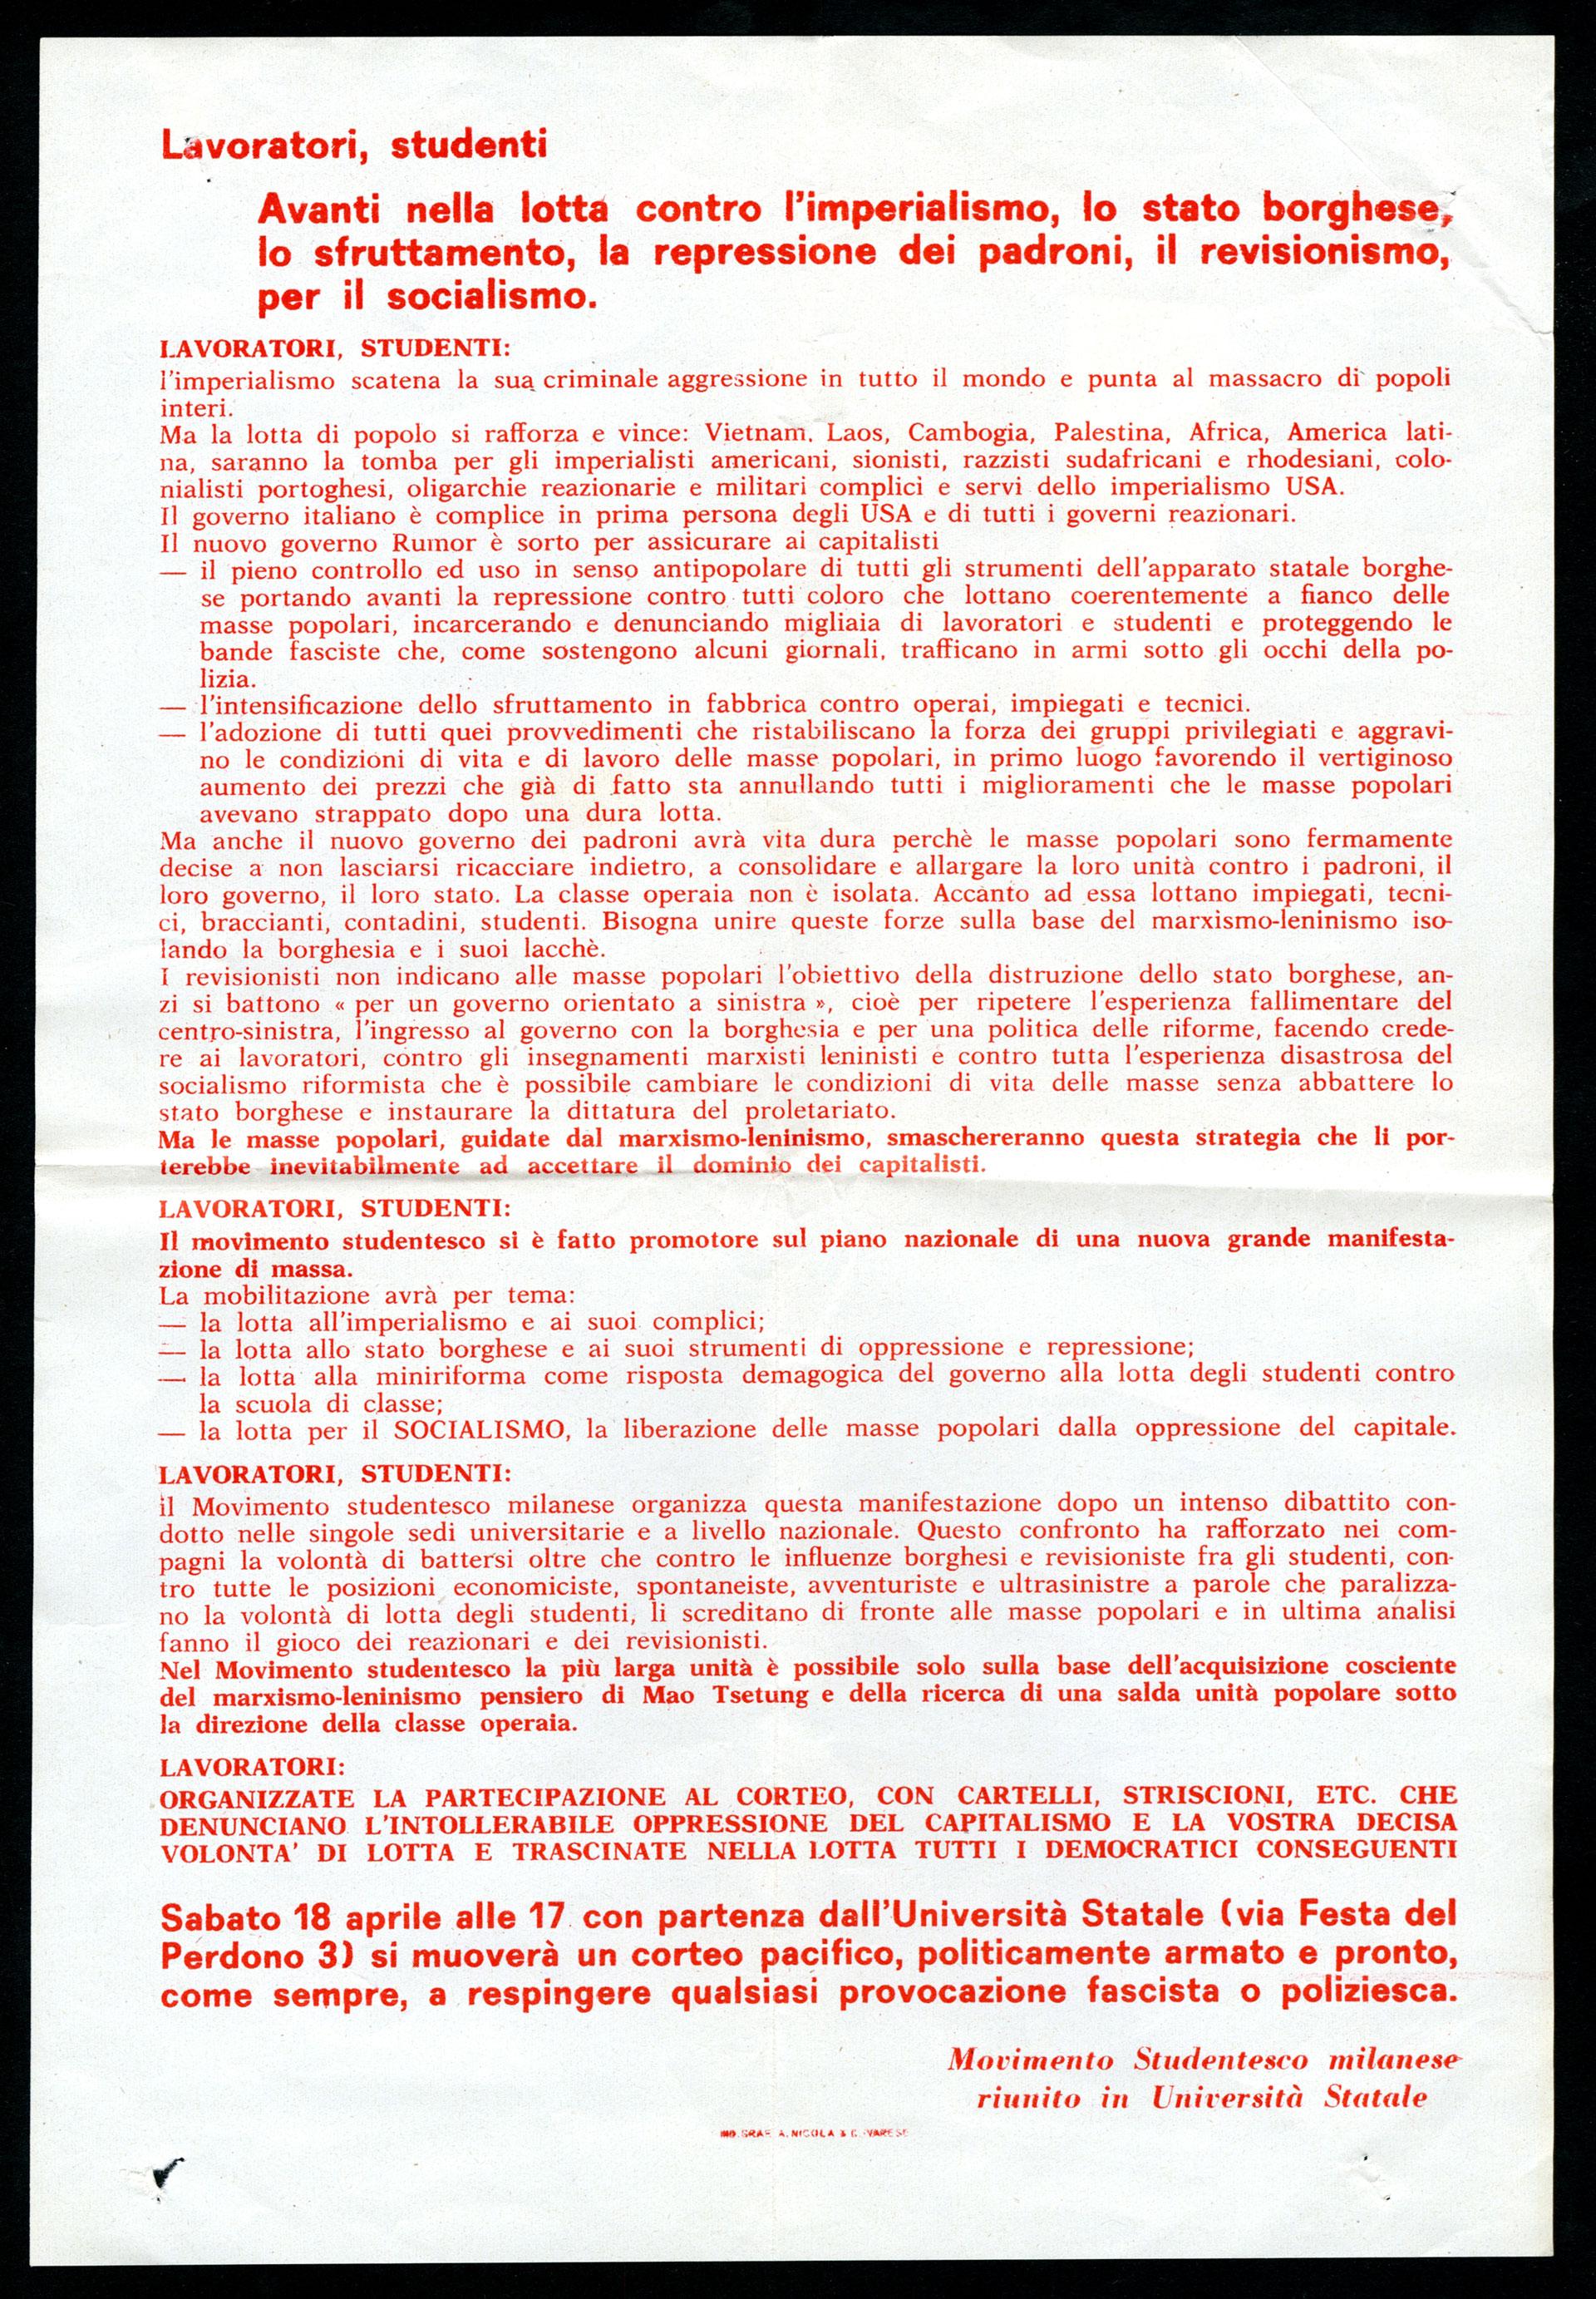 Volantino Movimento studentesco milanese, manifestazione 1970